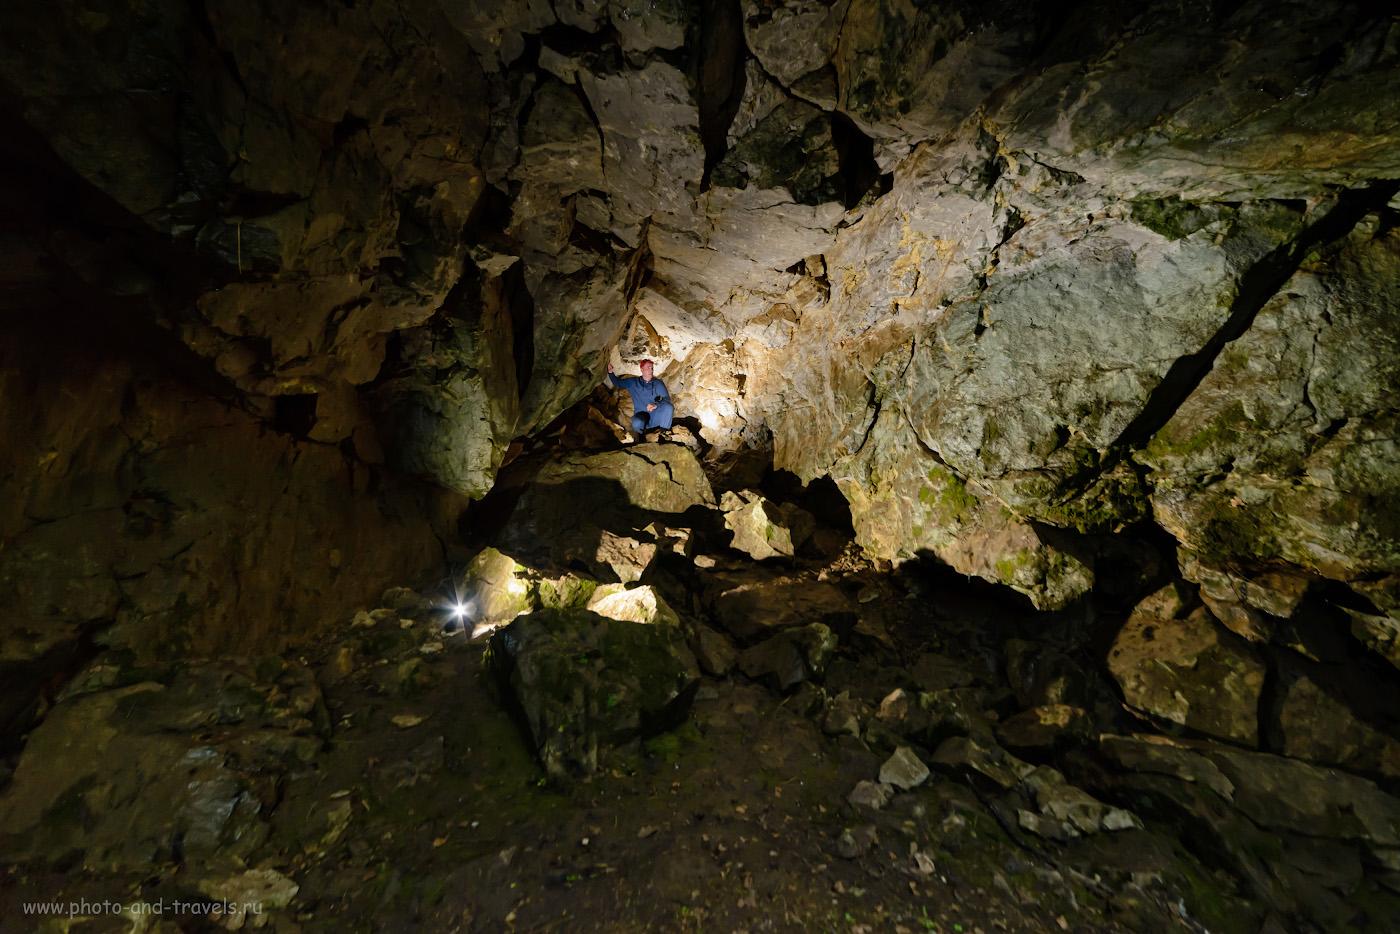 1. Фотосессия пещере Мшистая в южной части парка «Оленьи ручьи». Снято на Nikon D610 с шириком Samyang 14mm f/2.8. Настройки: В=1/30 сек., f/5.6, ISO 2000, поправка экспозиции -0.67 EV, ФР=14 мм.